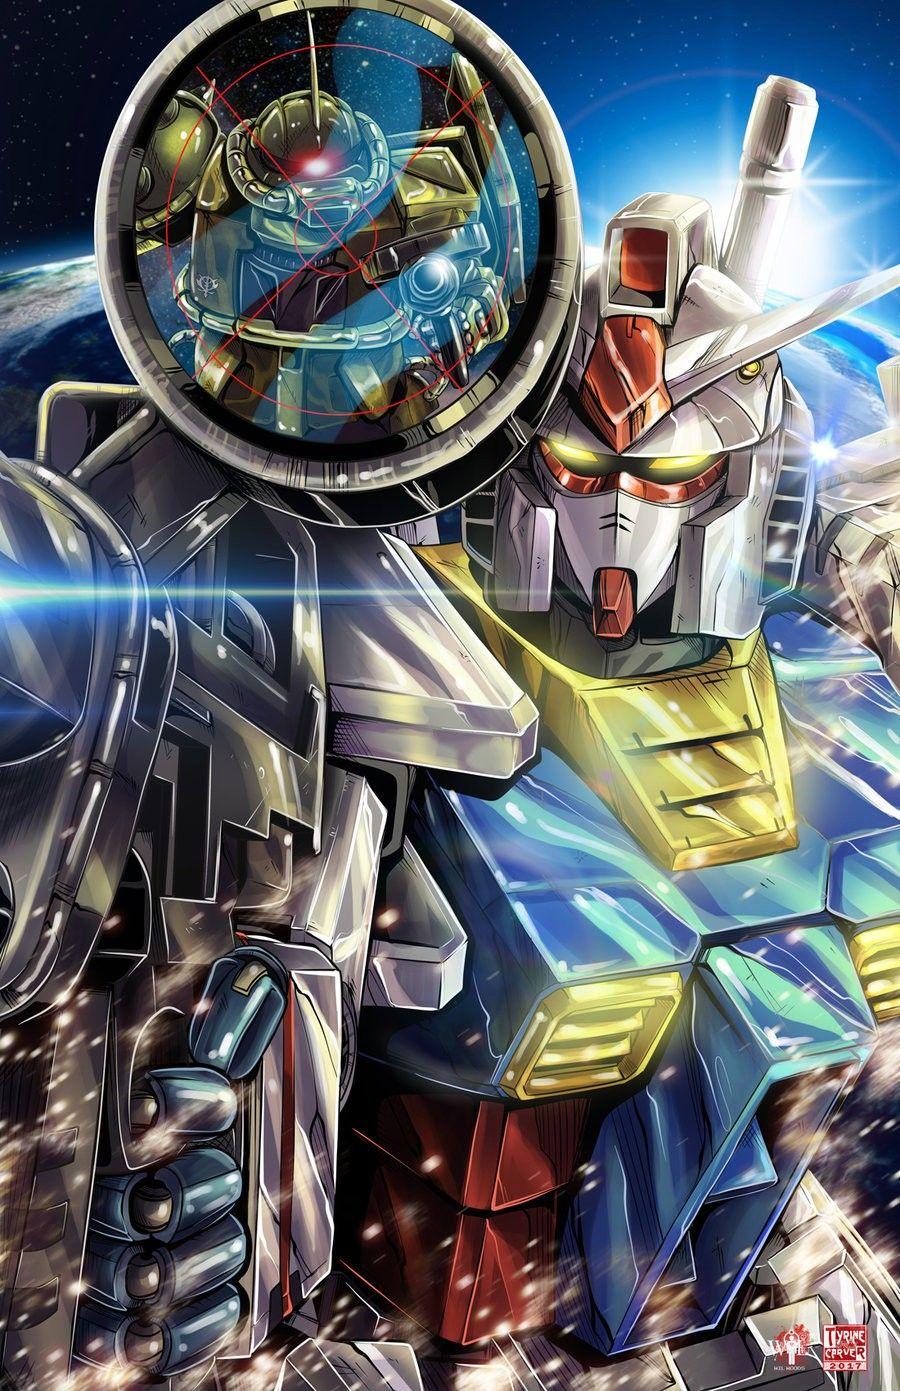 Pin by Aiman AlHakim on MeCHa'S Gundam, Gundam